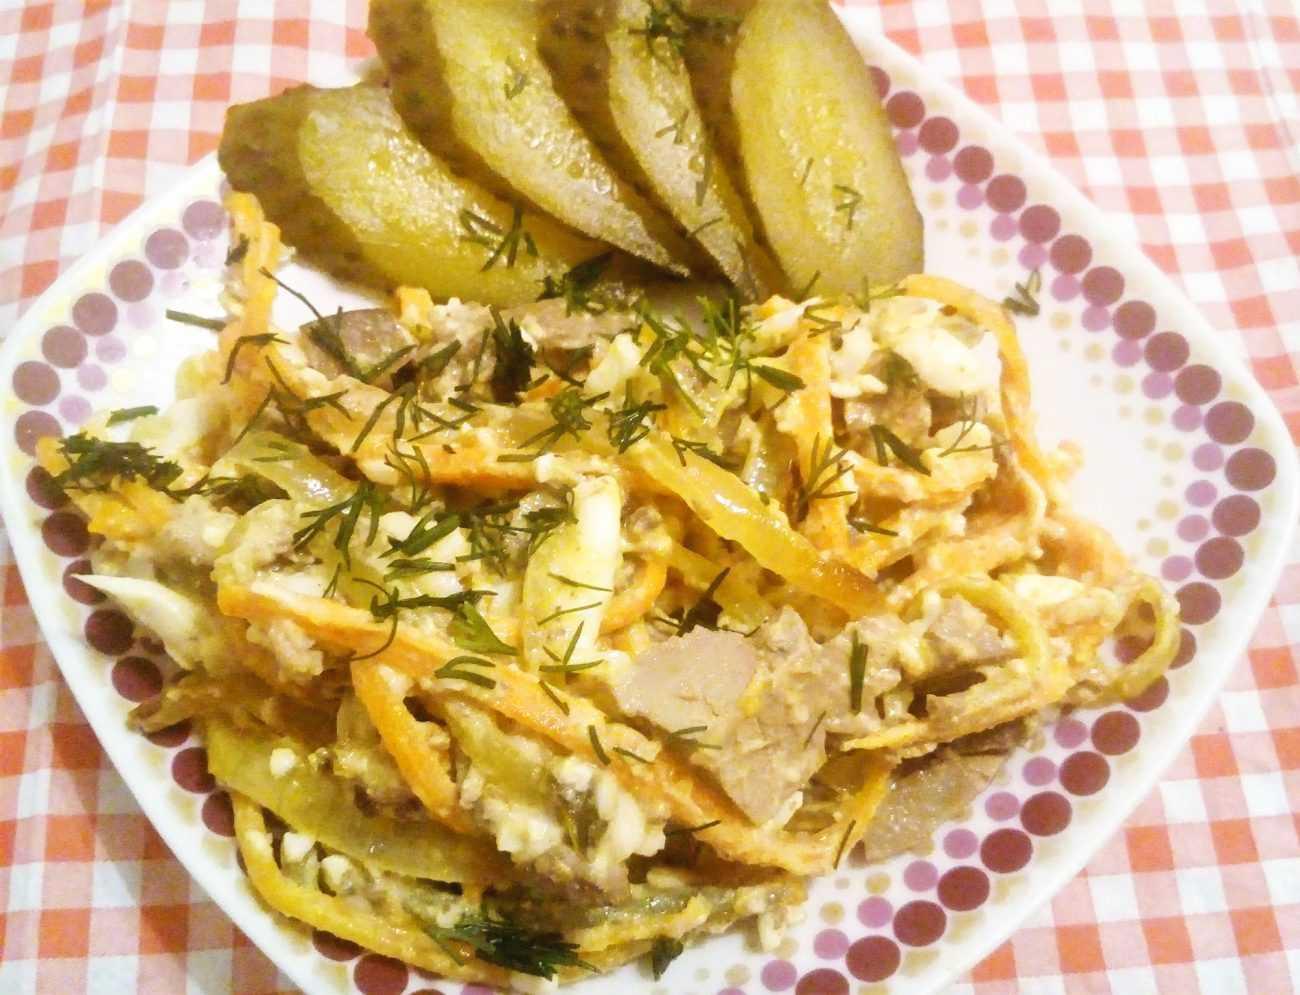 Салат батумский от ивлева рецепт с фото пошагово и видео - 1000.menu